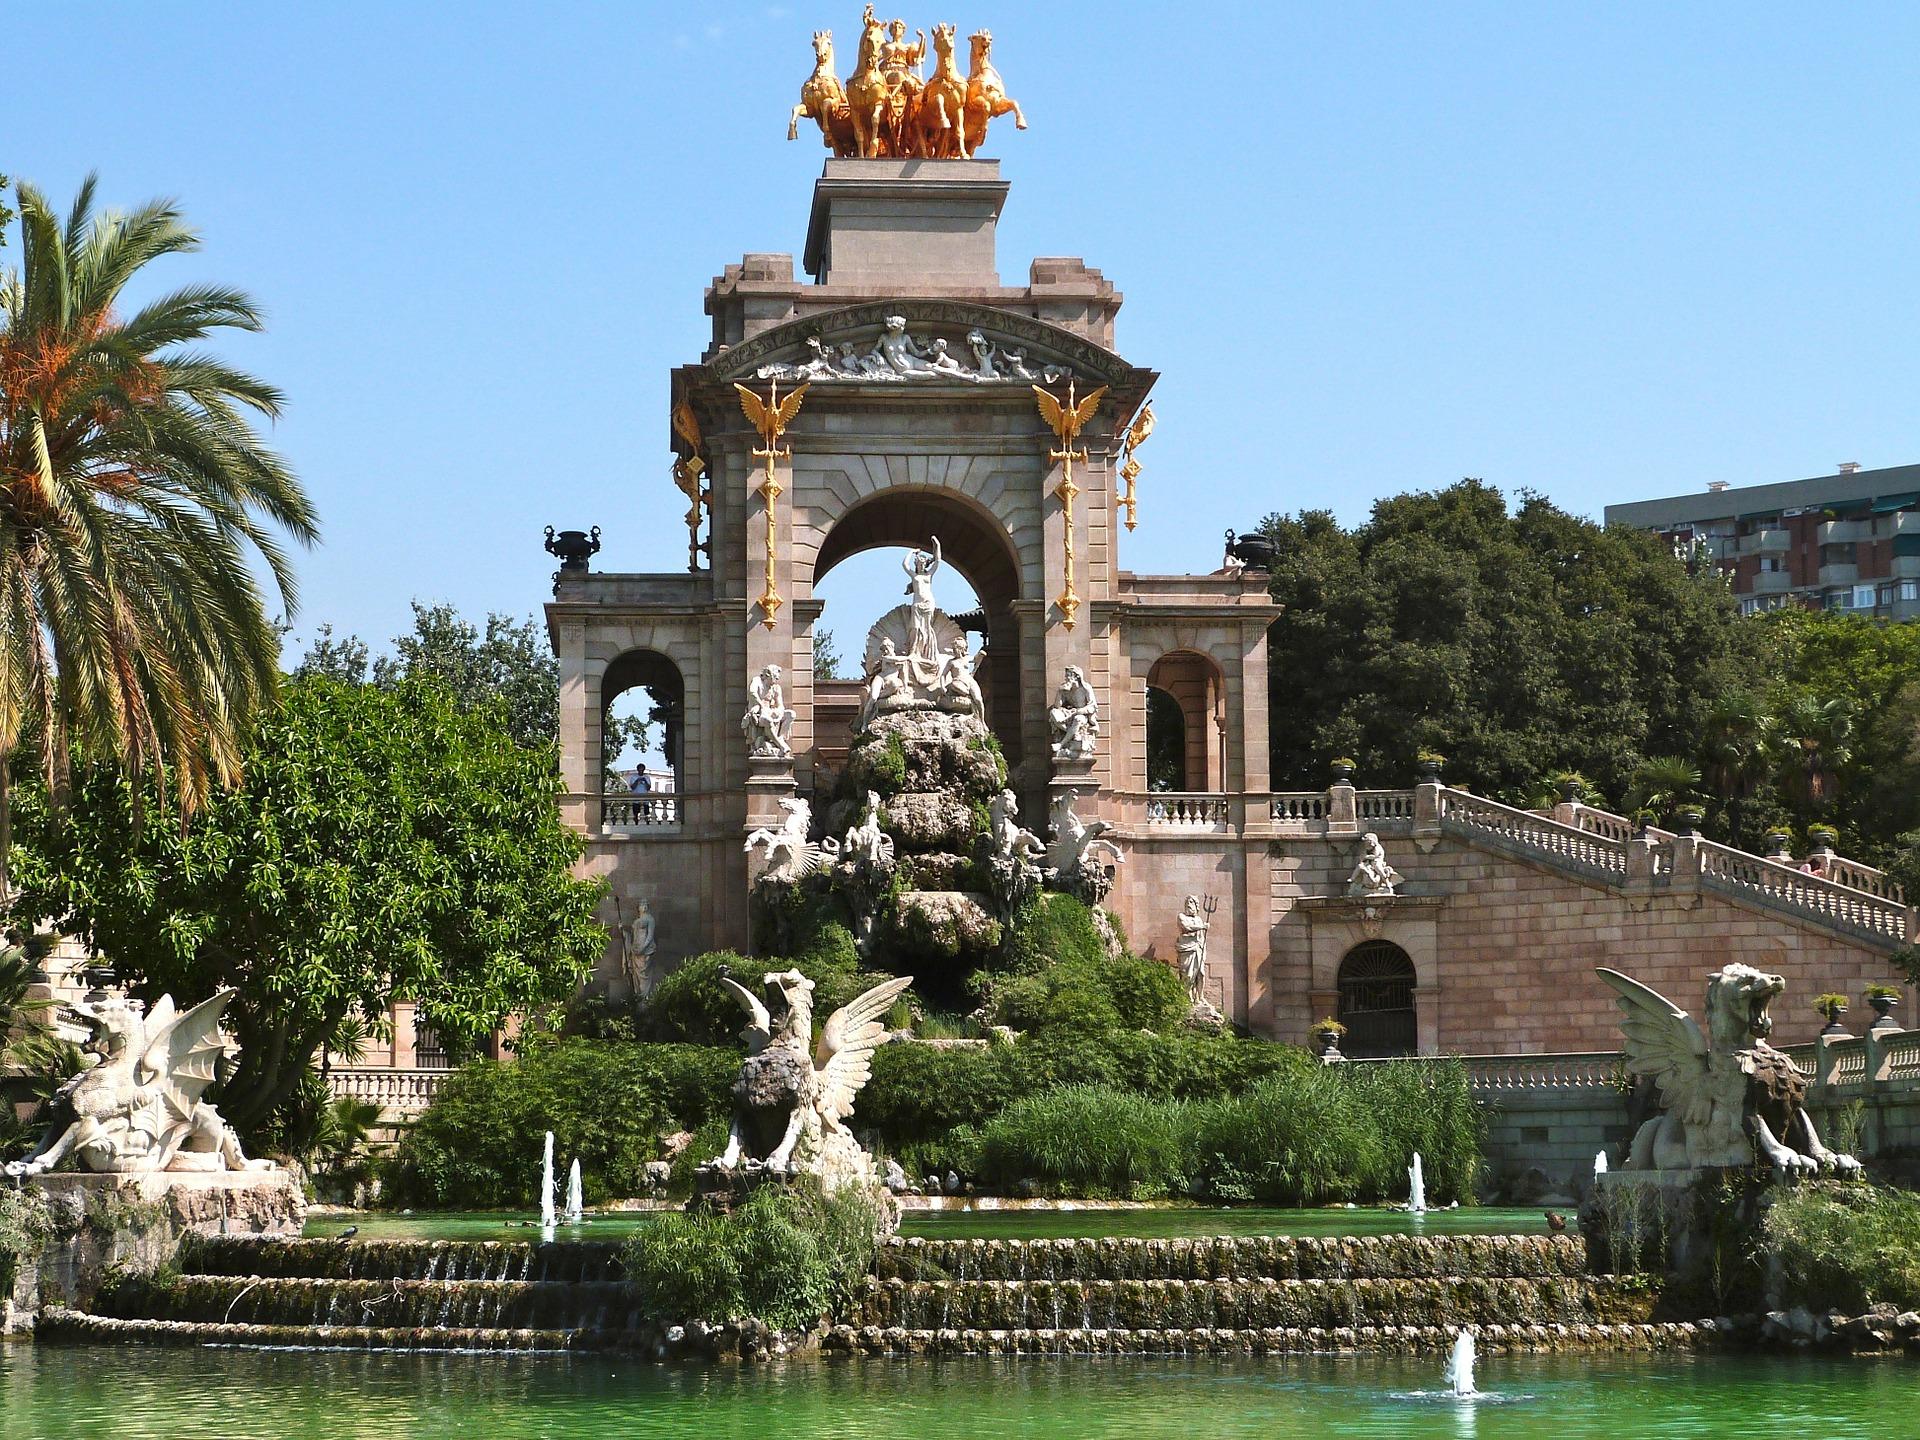 Лучшие парки Барселоны для семейных прогулок с детьми Лучшие парки Барселоны для семейных прогулок с детьми ciutadella